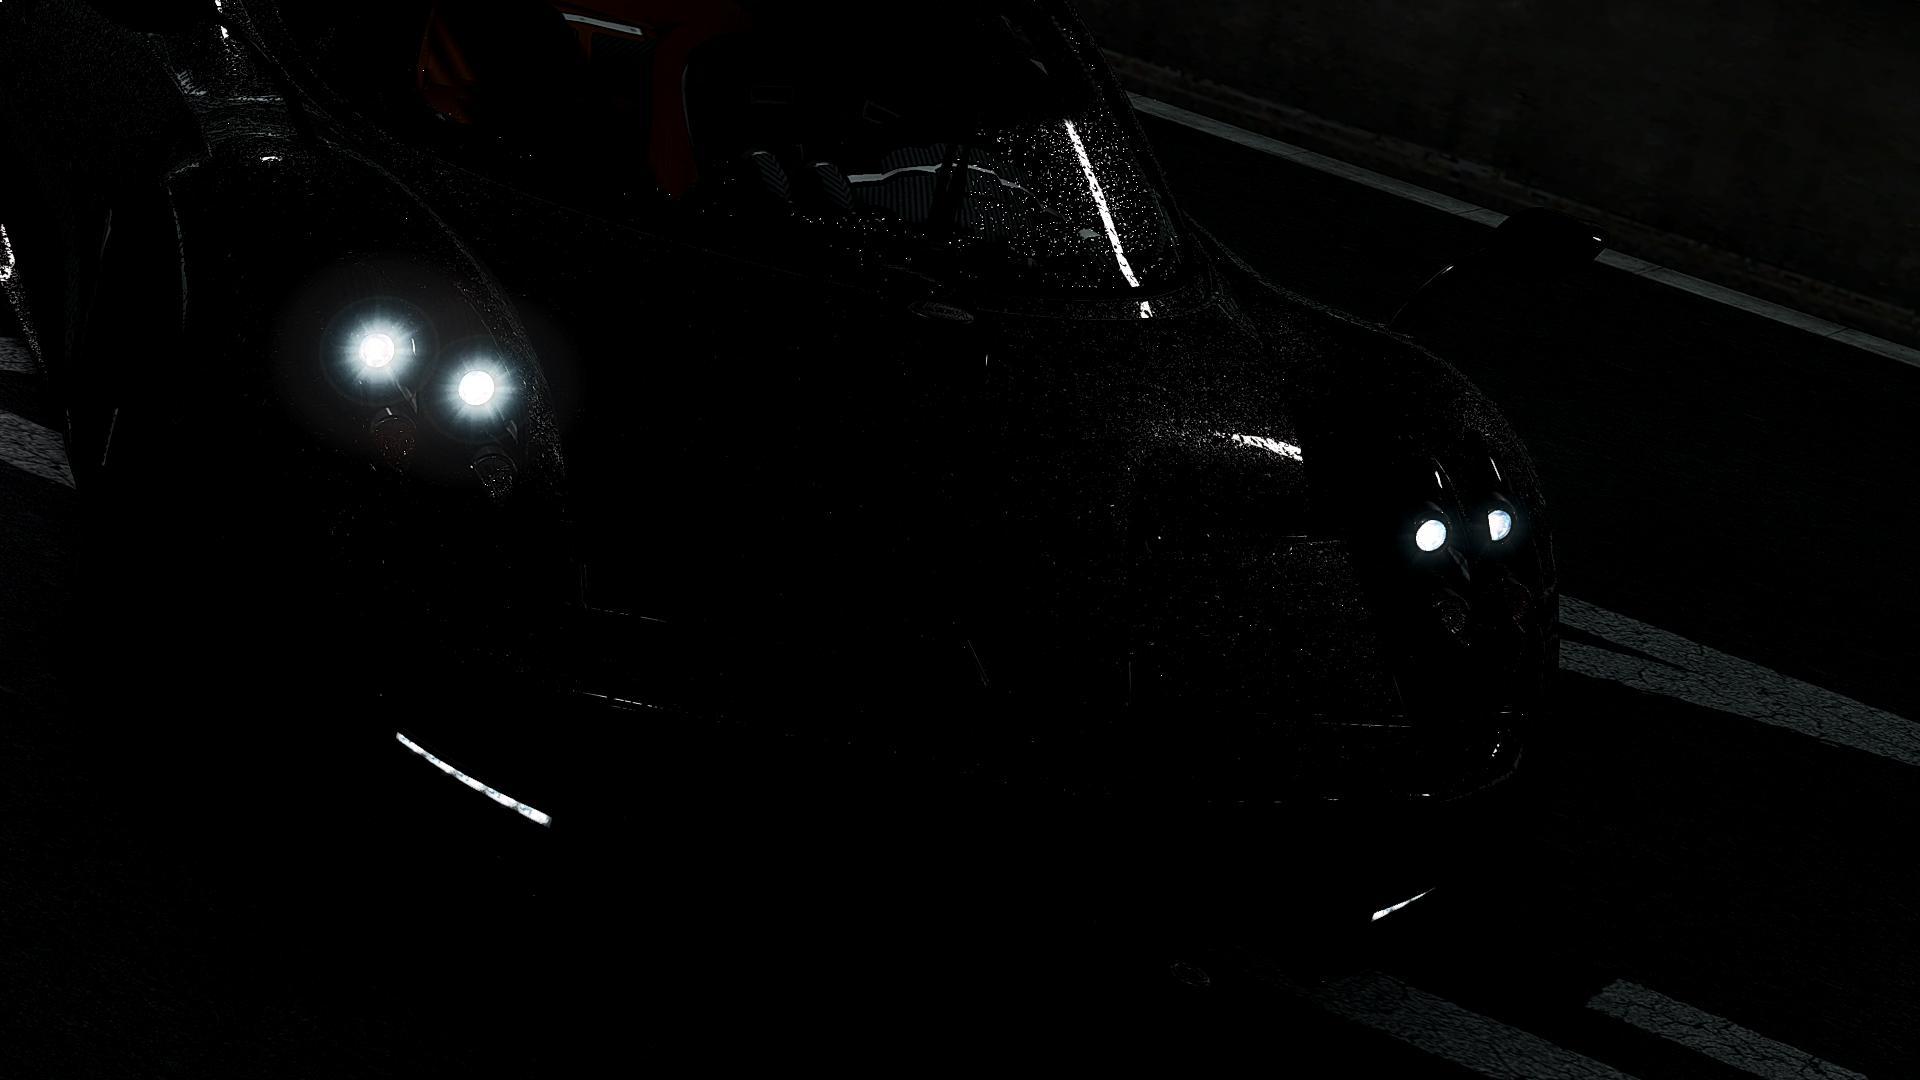 Po týdnu další úchvatné momentky z Project CARS 87253